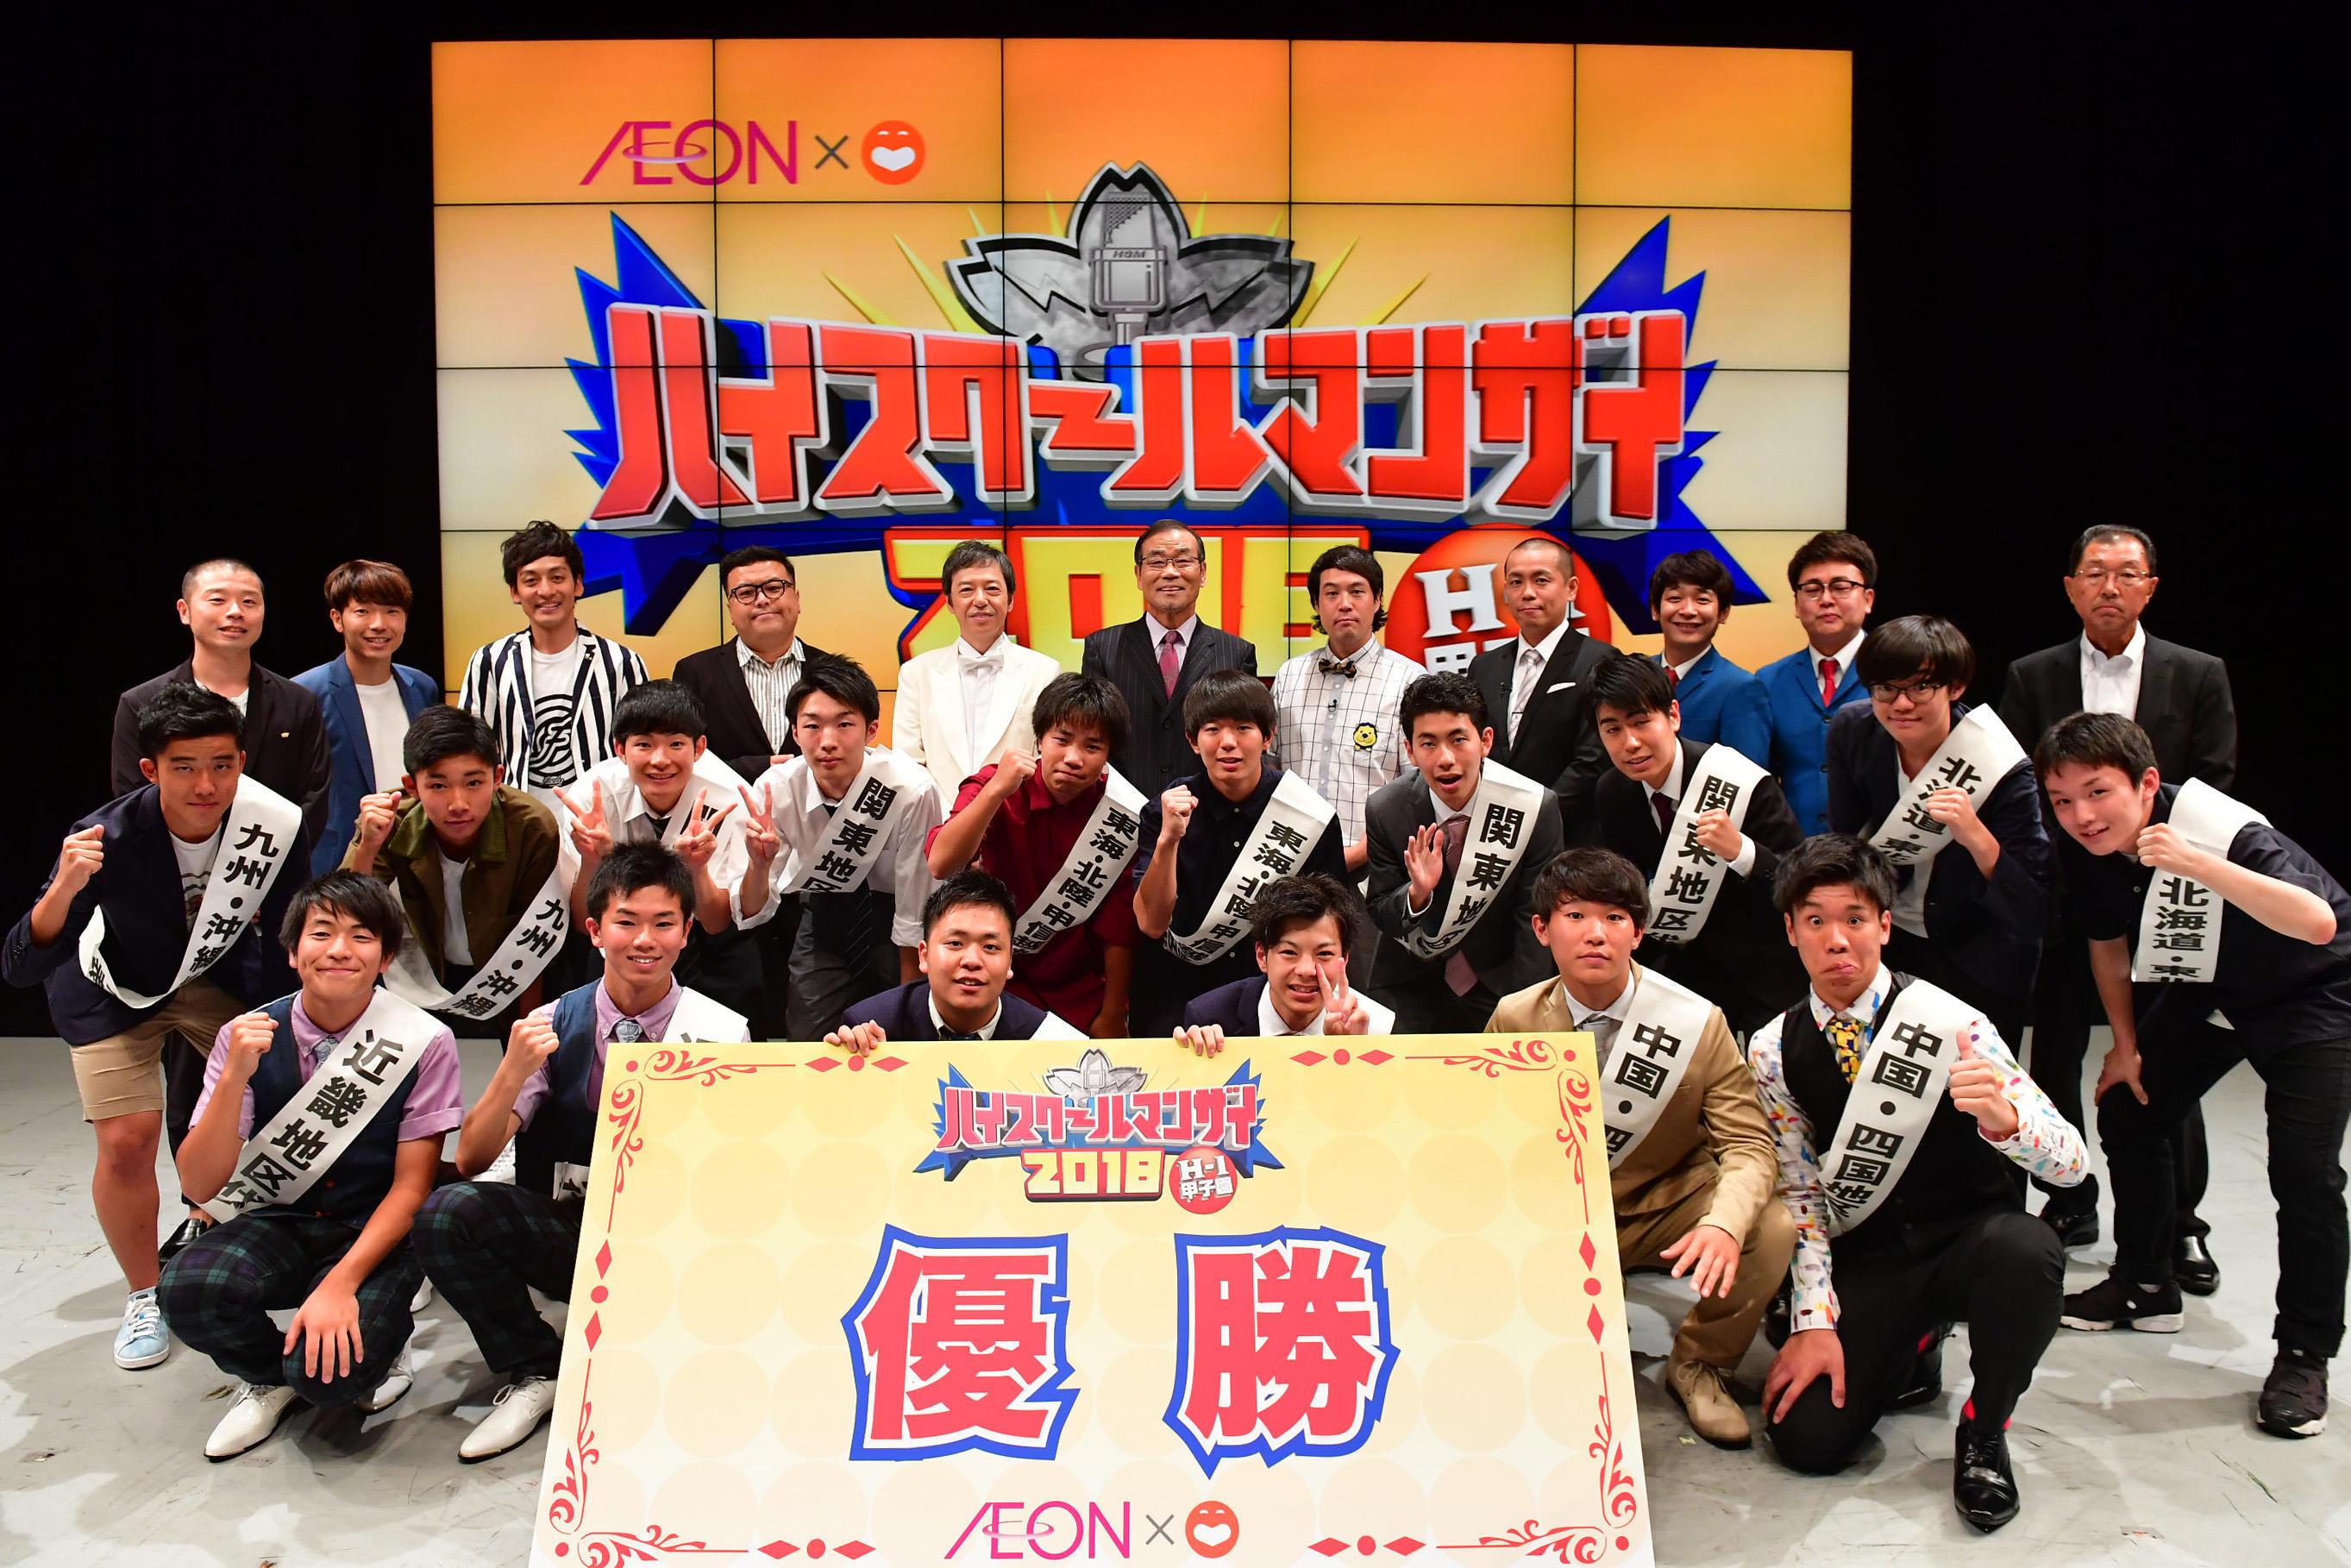 http://news.yoshimoto.co.jp/20180902231156-33bd94cd960fe30ade087f55a6c9d16934836ae3.jpg